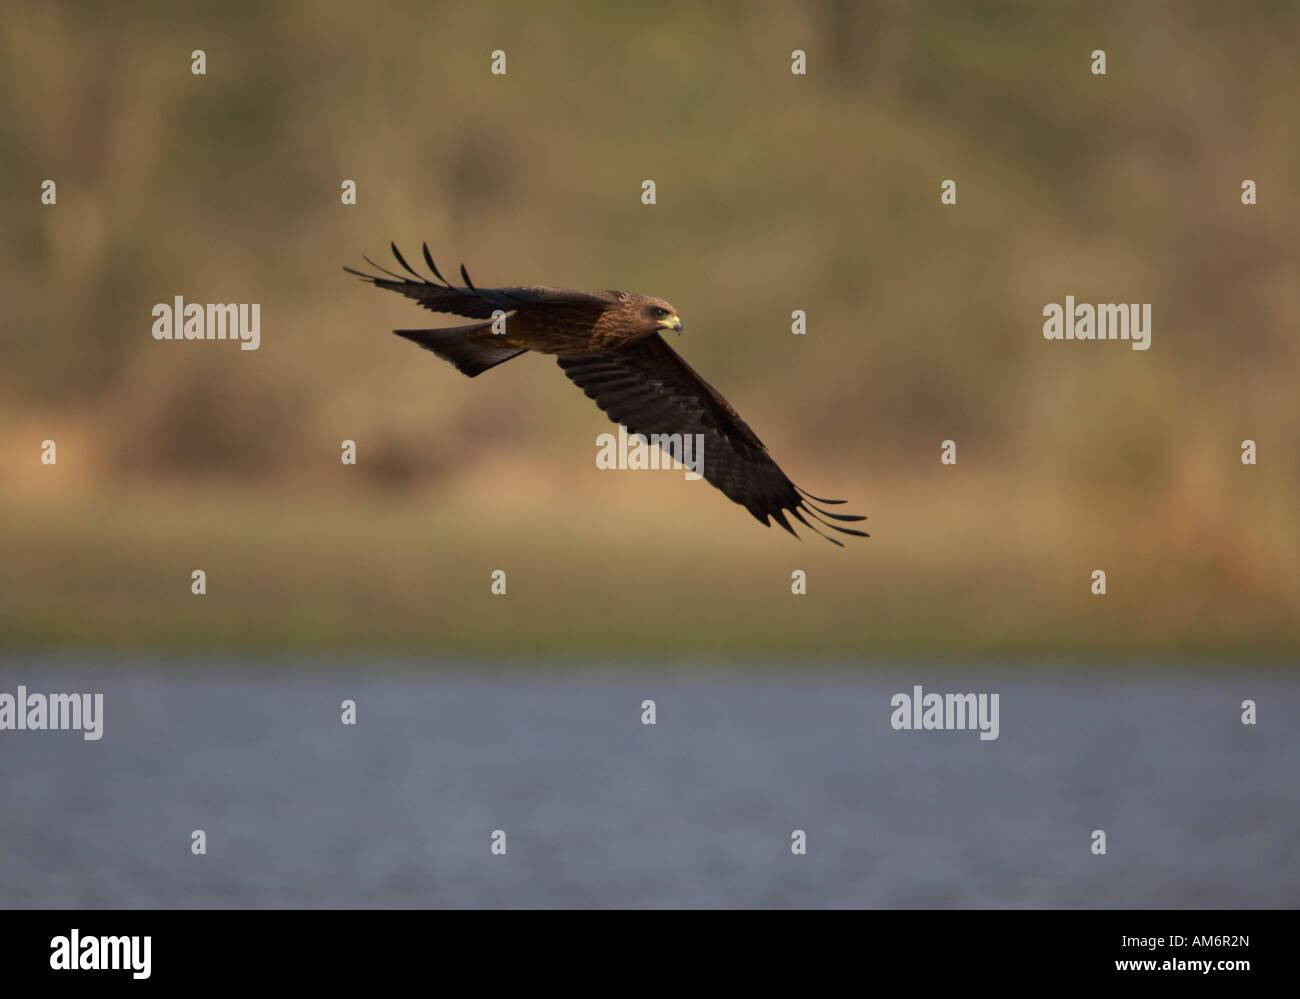 African Marsh Harrier in flight over river (Circus ranivorus) - Stock Image